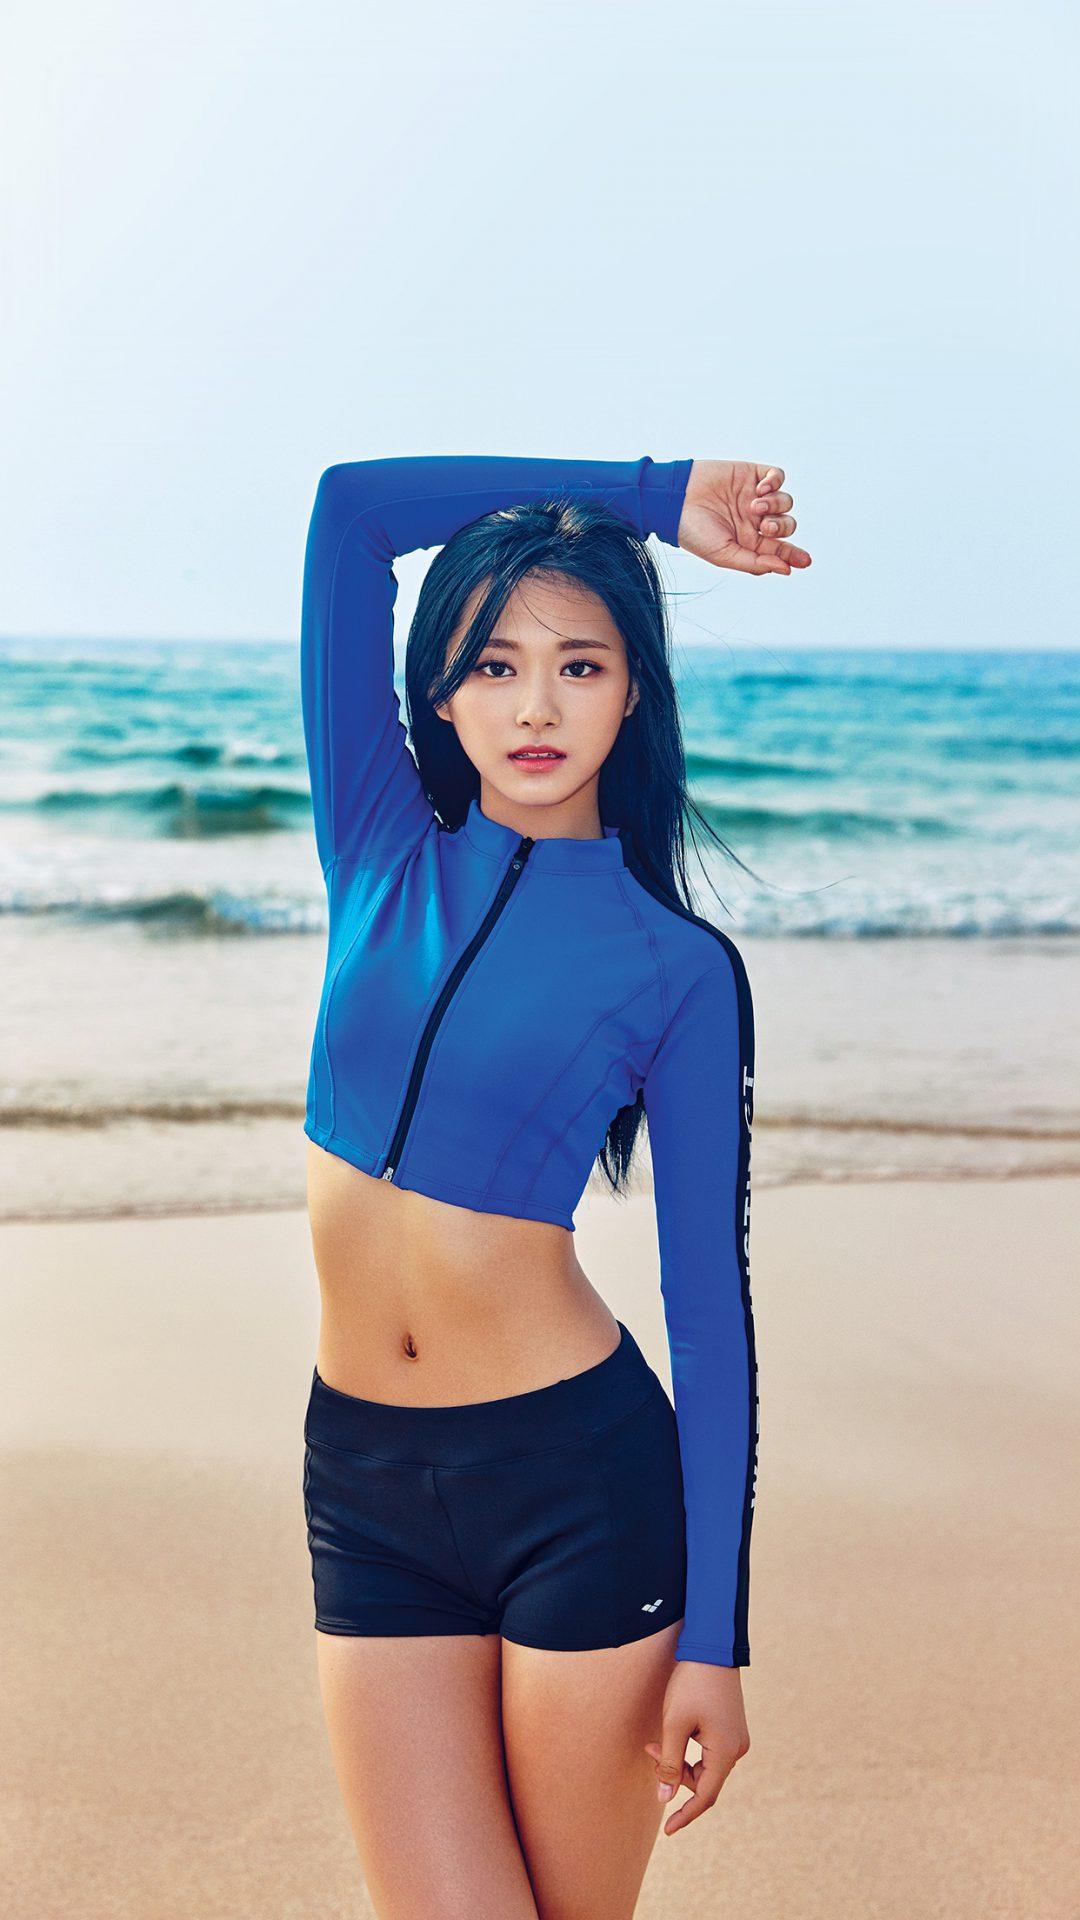 Tzuyu Kpop Girl Sea Summer Cool